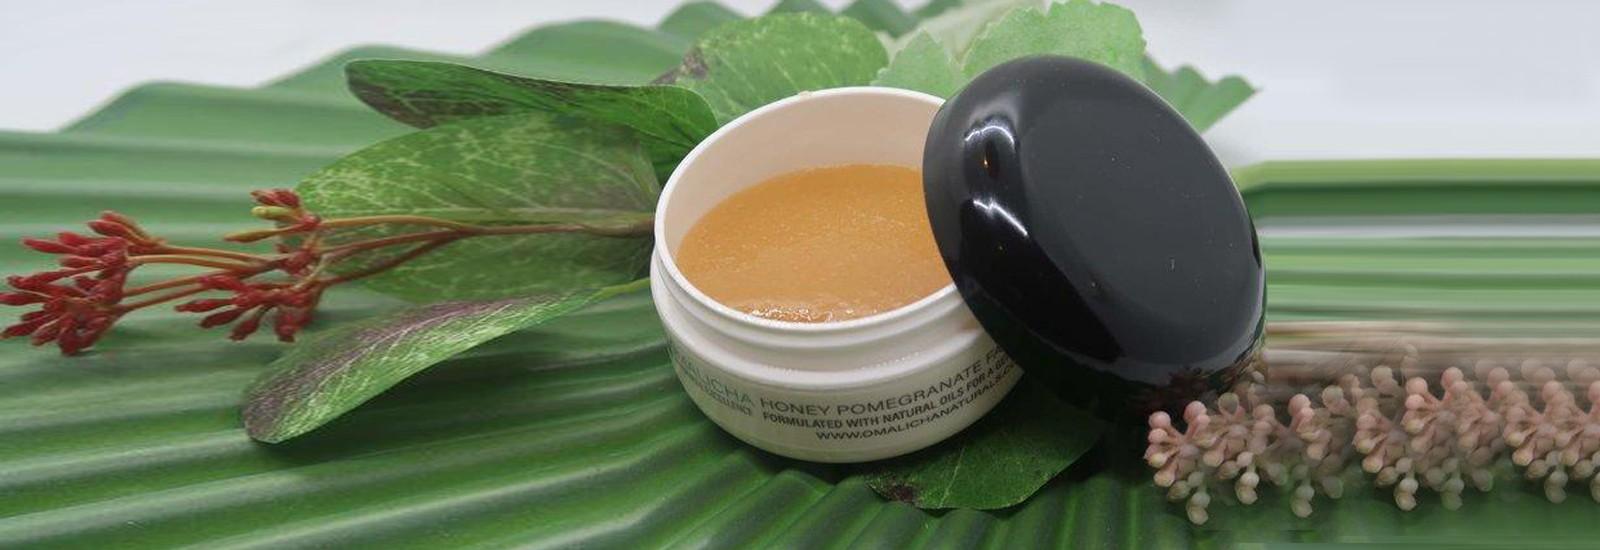 Honey Pomegranate Facial Scrub